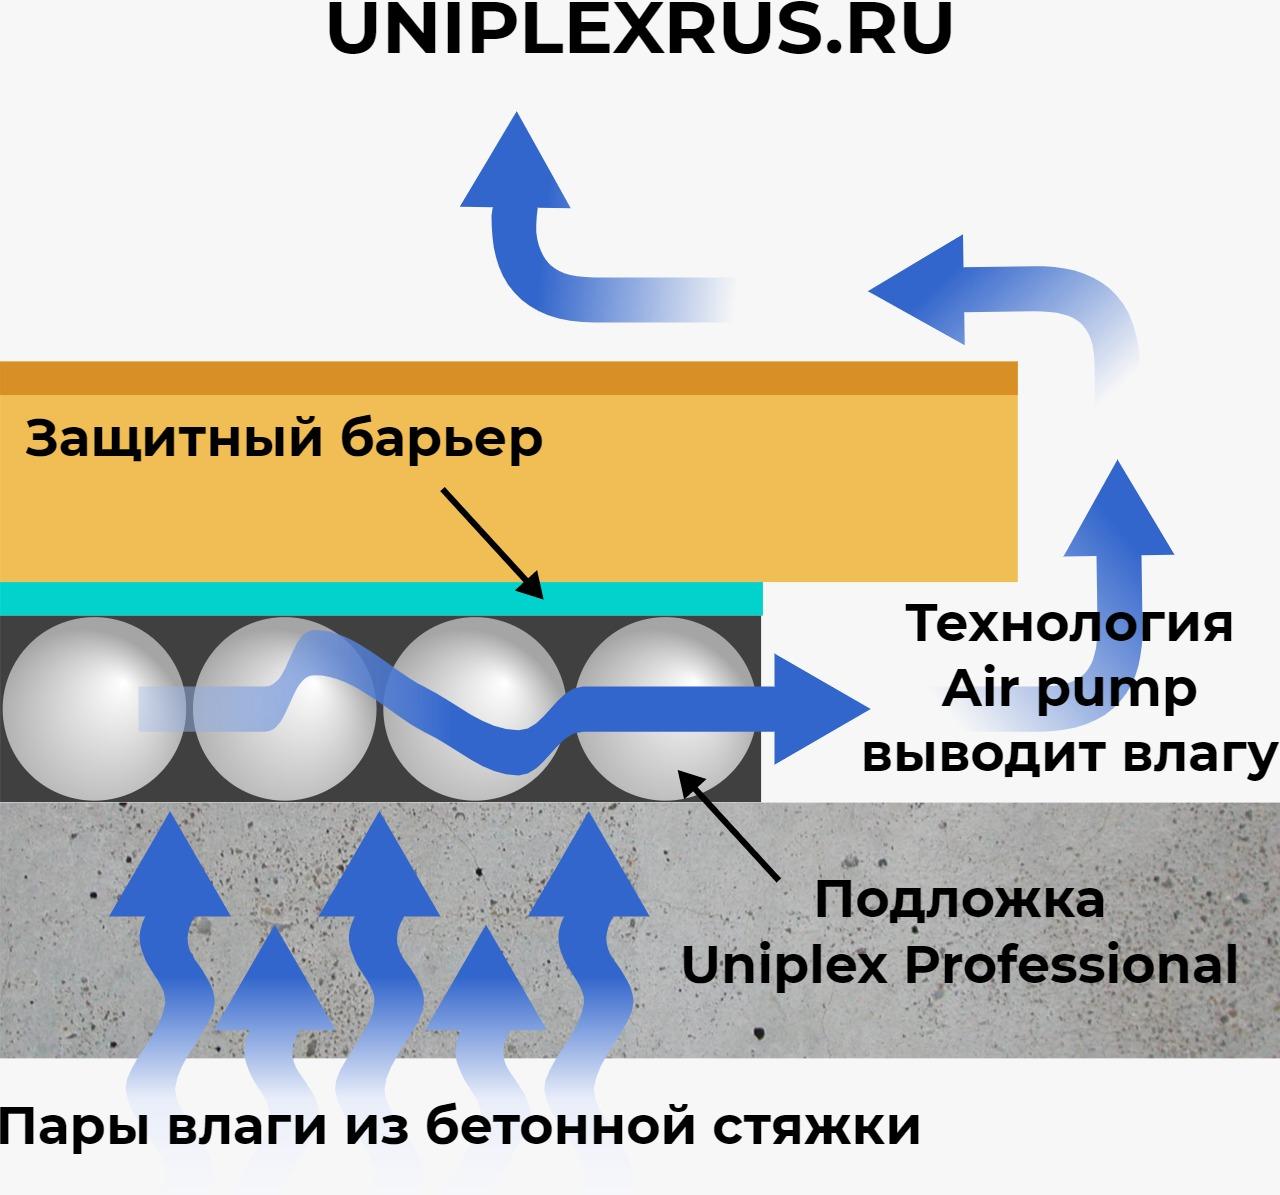 подложка UNIPLEX